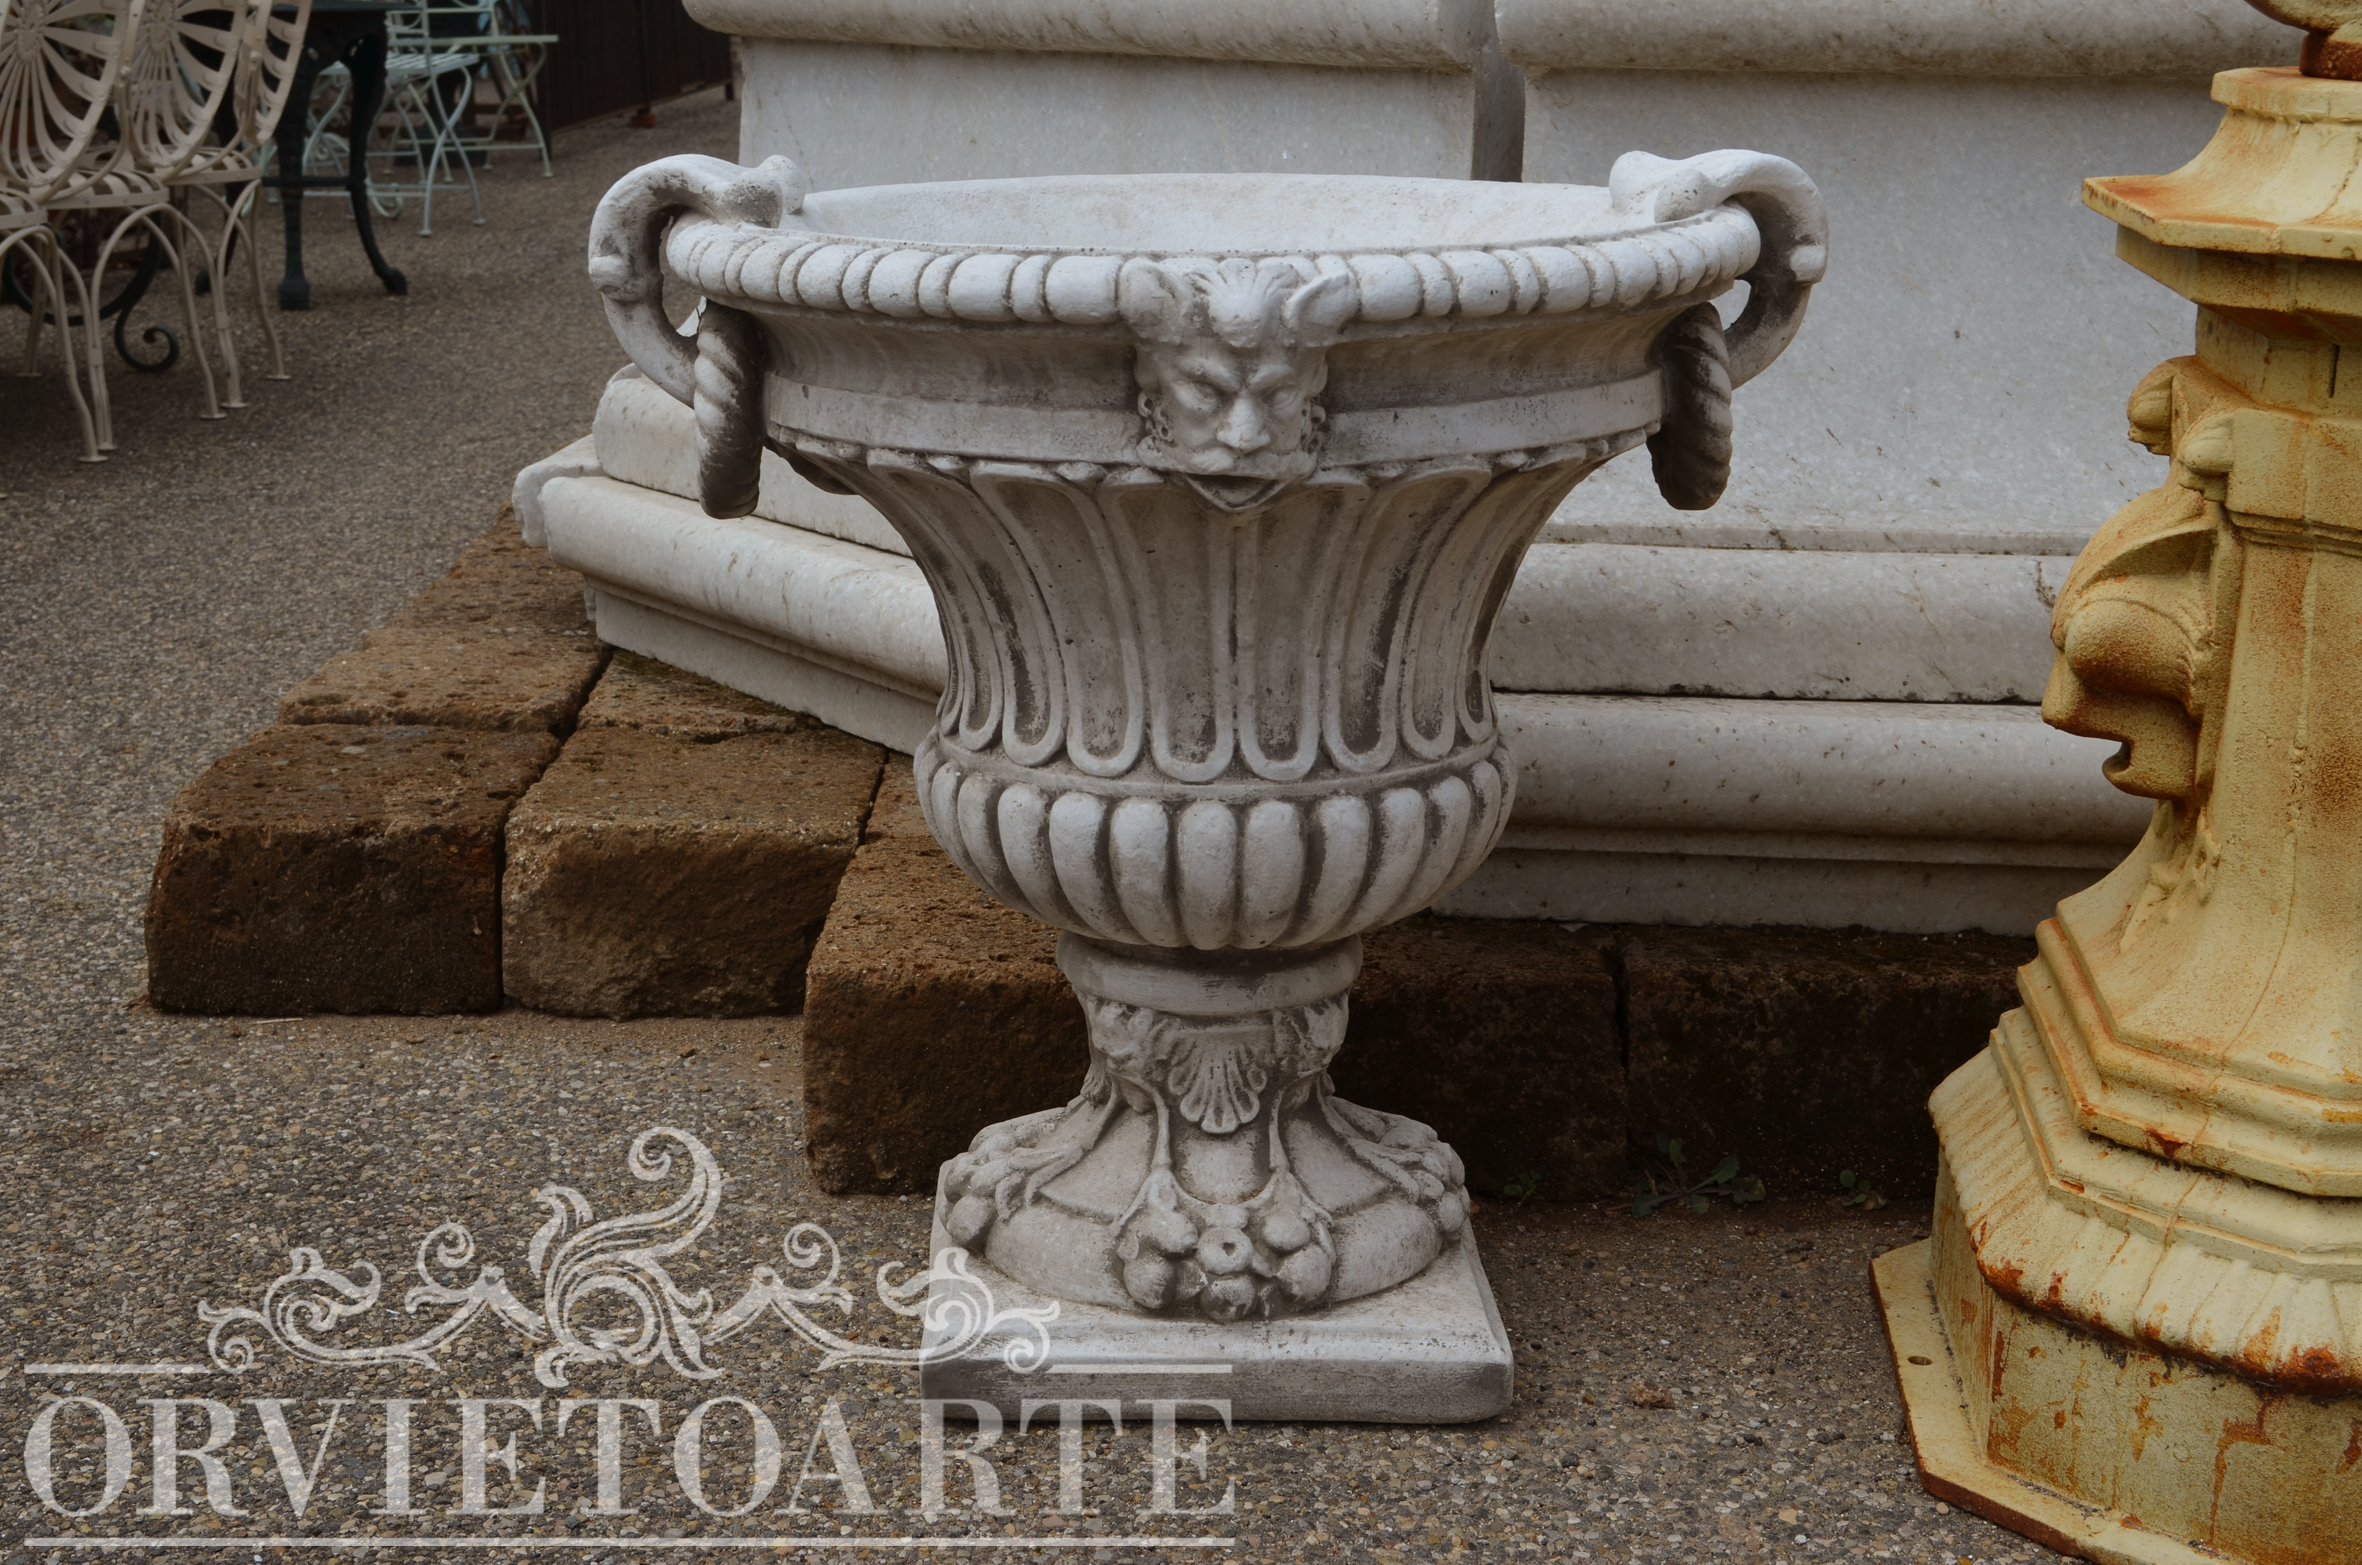 Orvieto arte vaso in materiale composito for Arredo giardino perugia